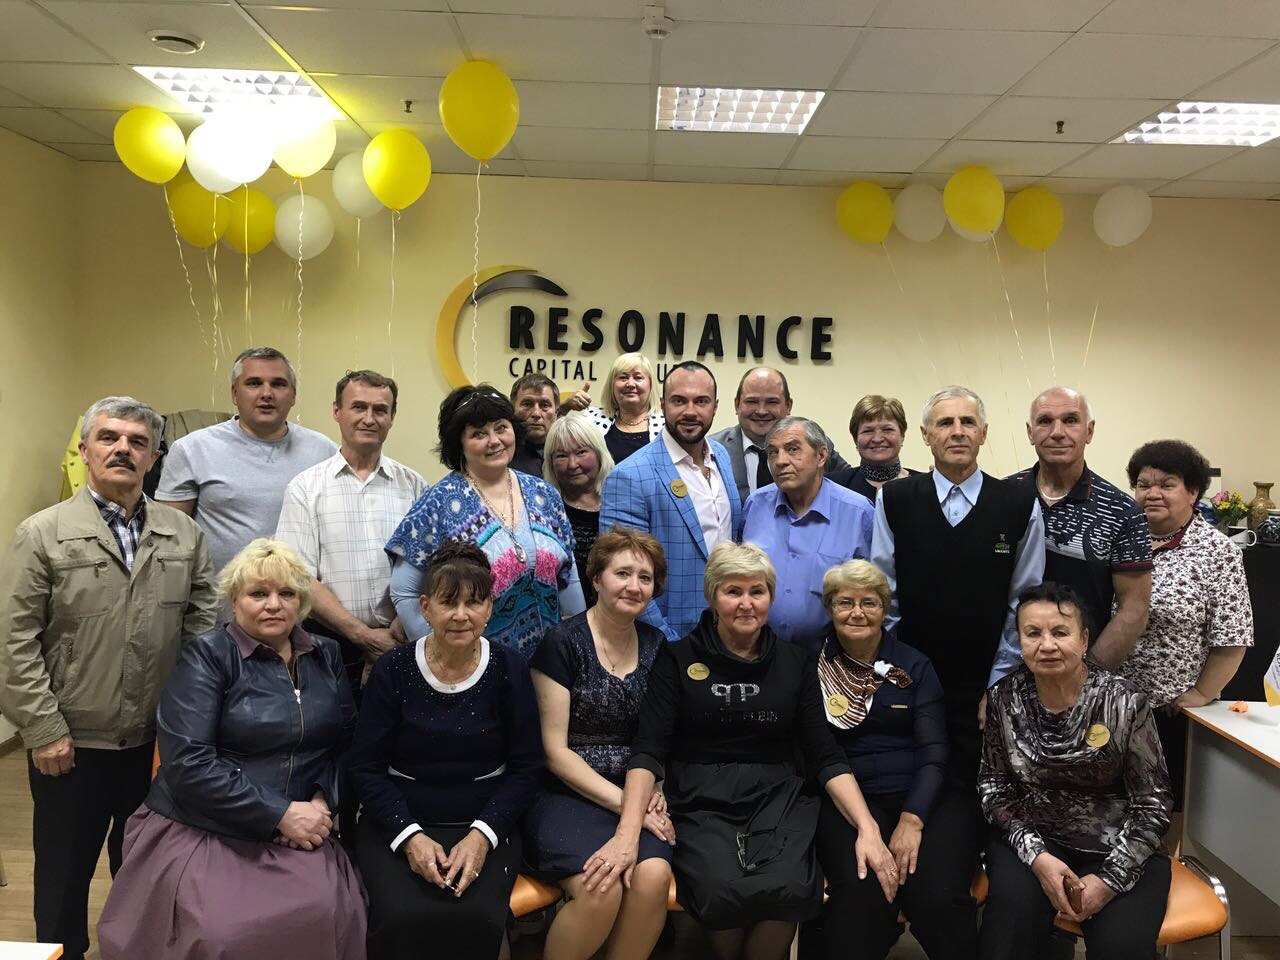 văn phòng tại Kazan Russian resonance capital